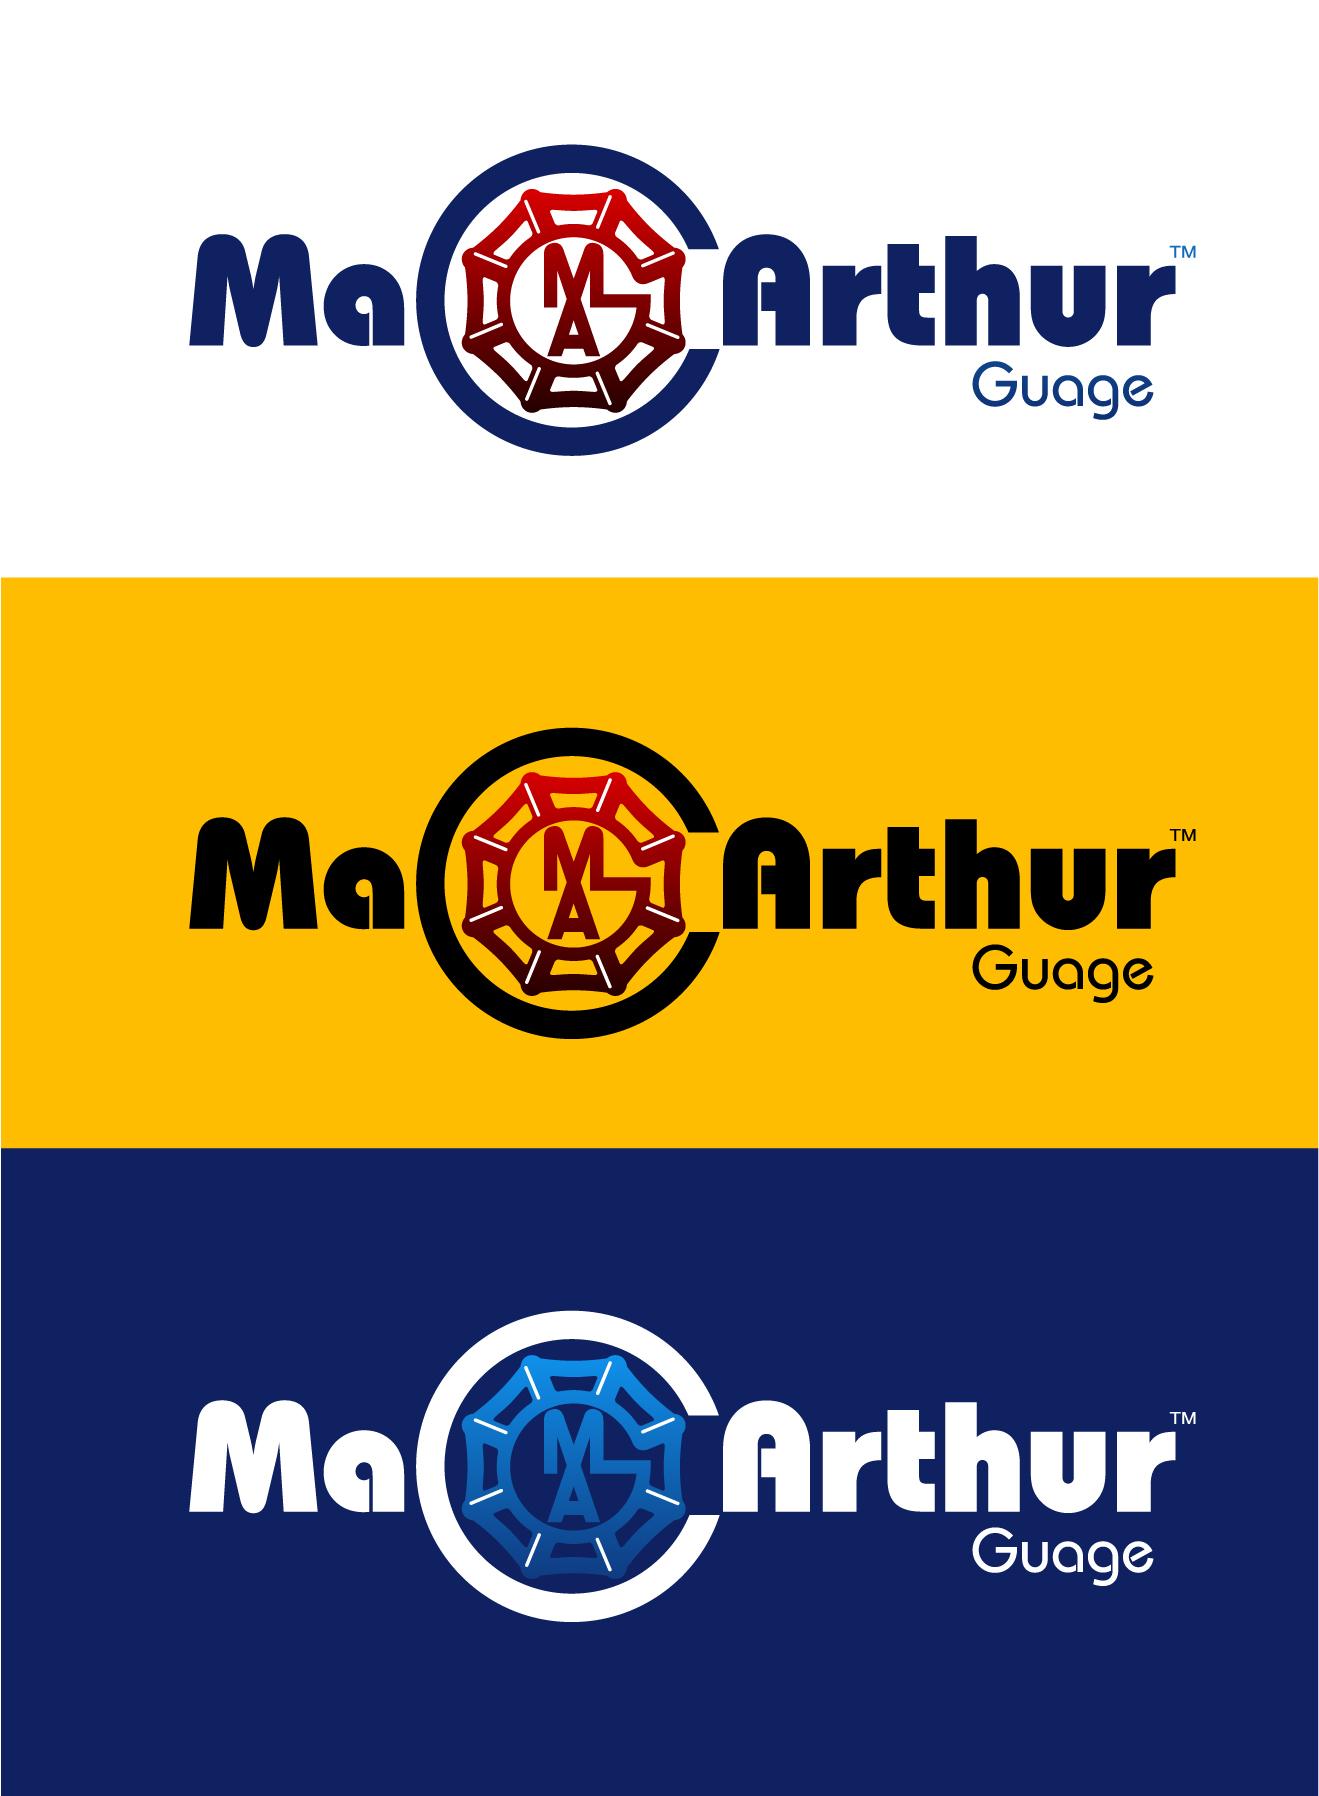 Logo Design by Wilfredo Mendoza - Entry No. 236 in the Logo Design Contest Fun Logo Design for MacArthur Gauge.